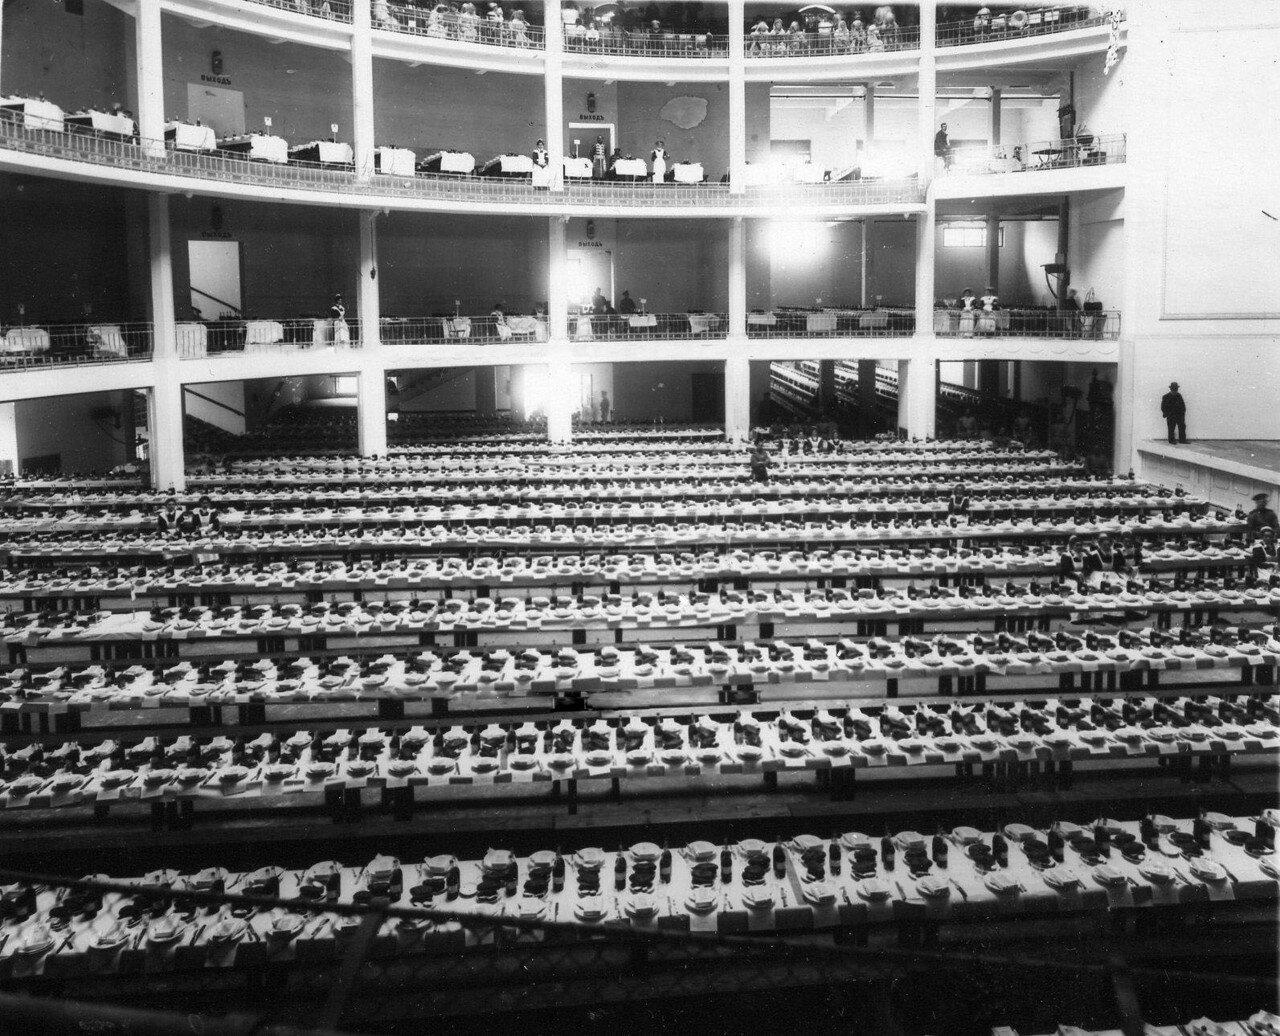 99. Столы, накрытые в зале Народного дома императора Николая II для угощения потешных после окончания смотра